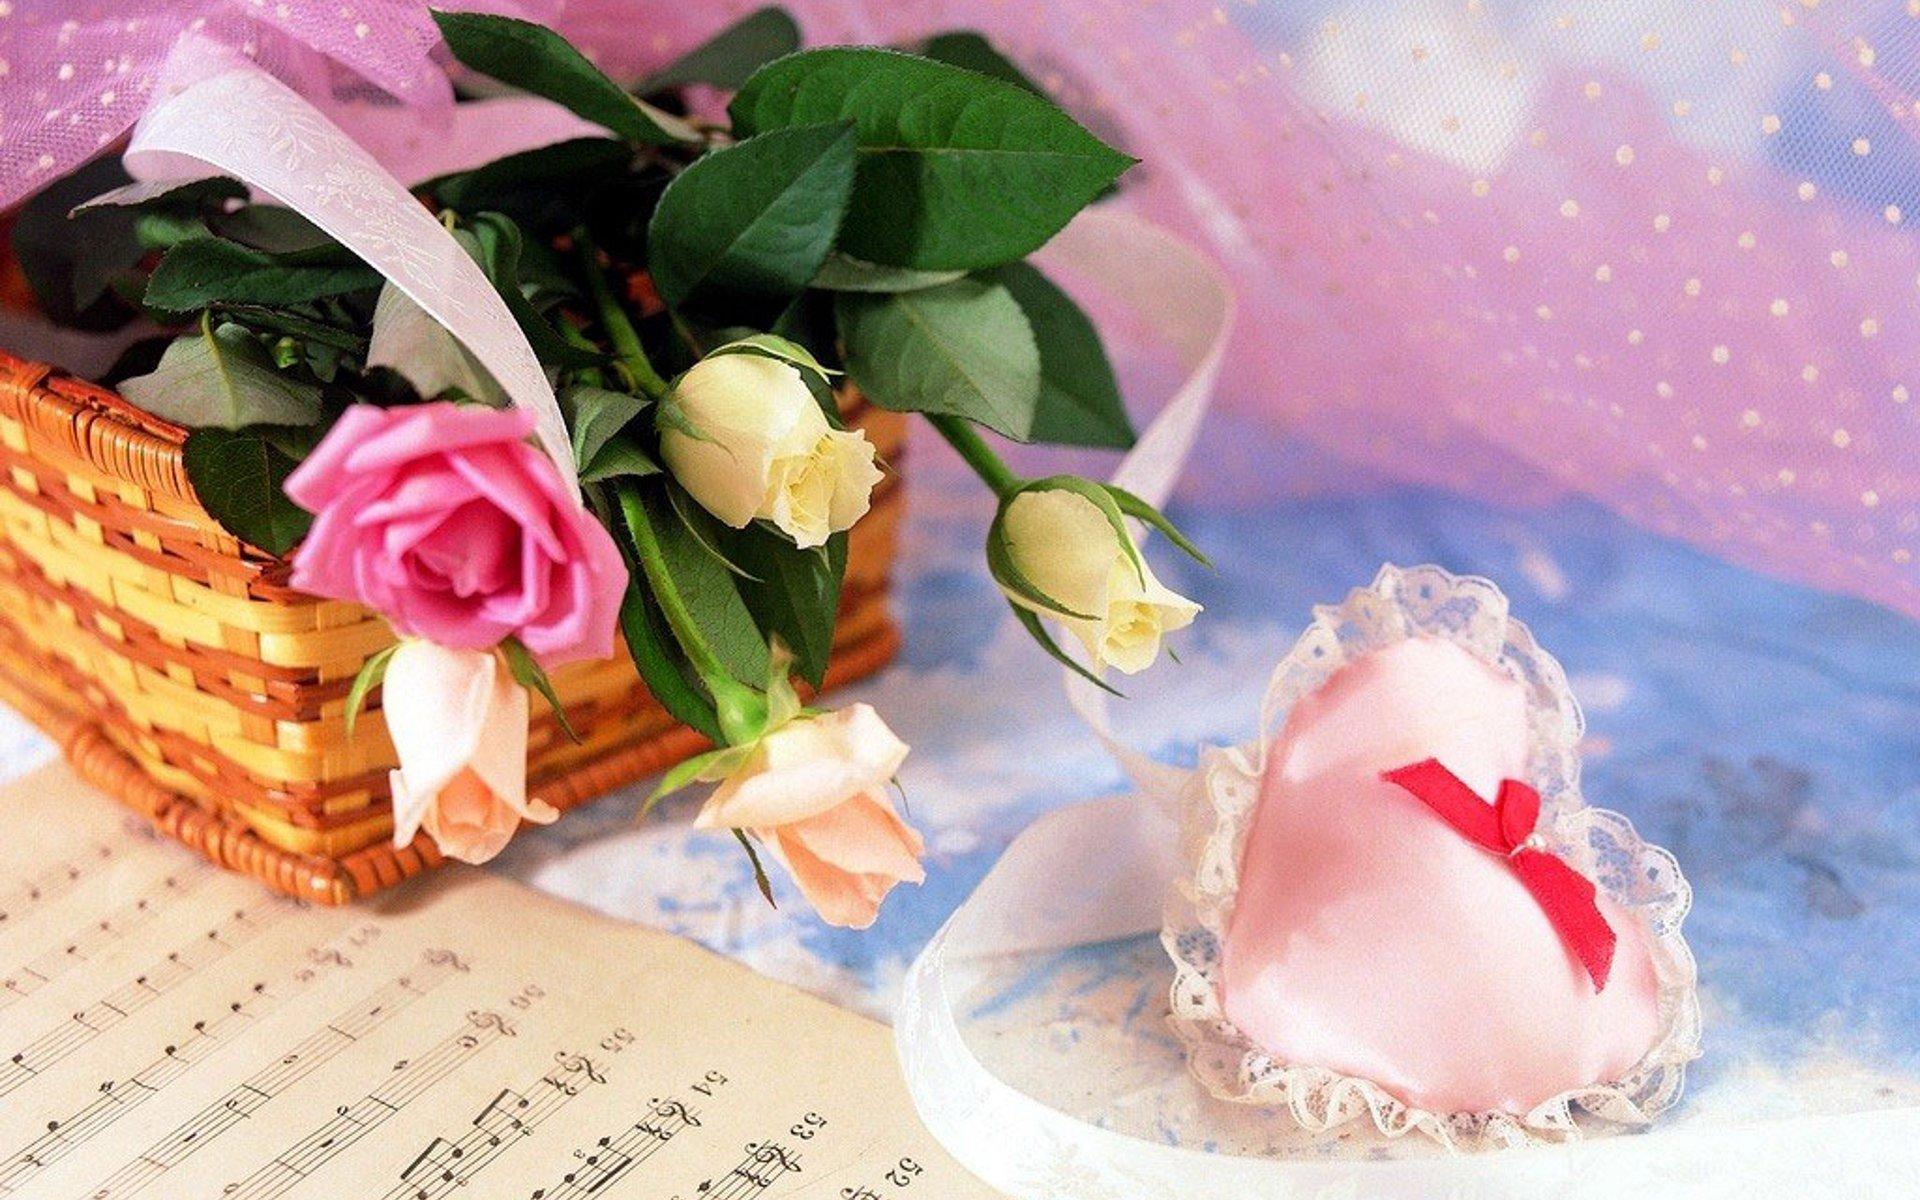 Красивые романтичные картинки и открытки, днем